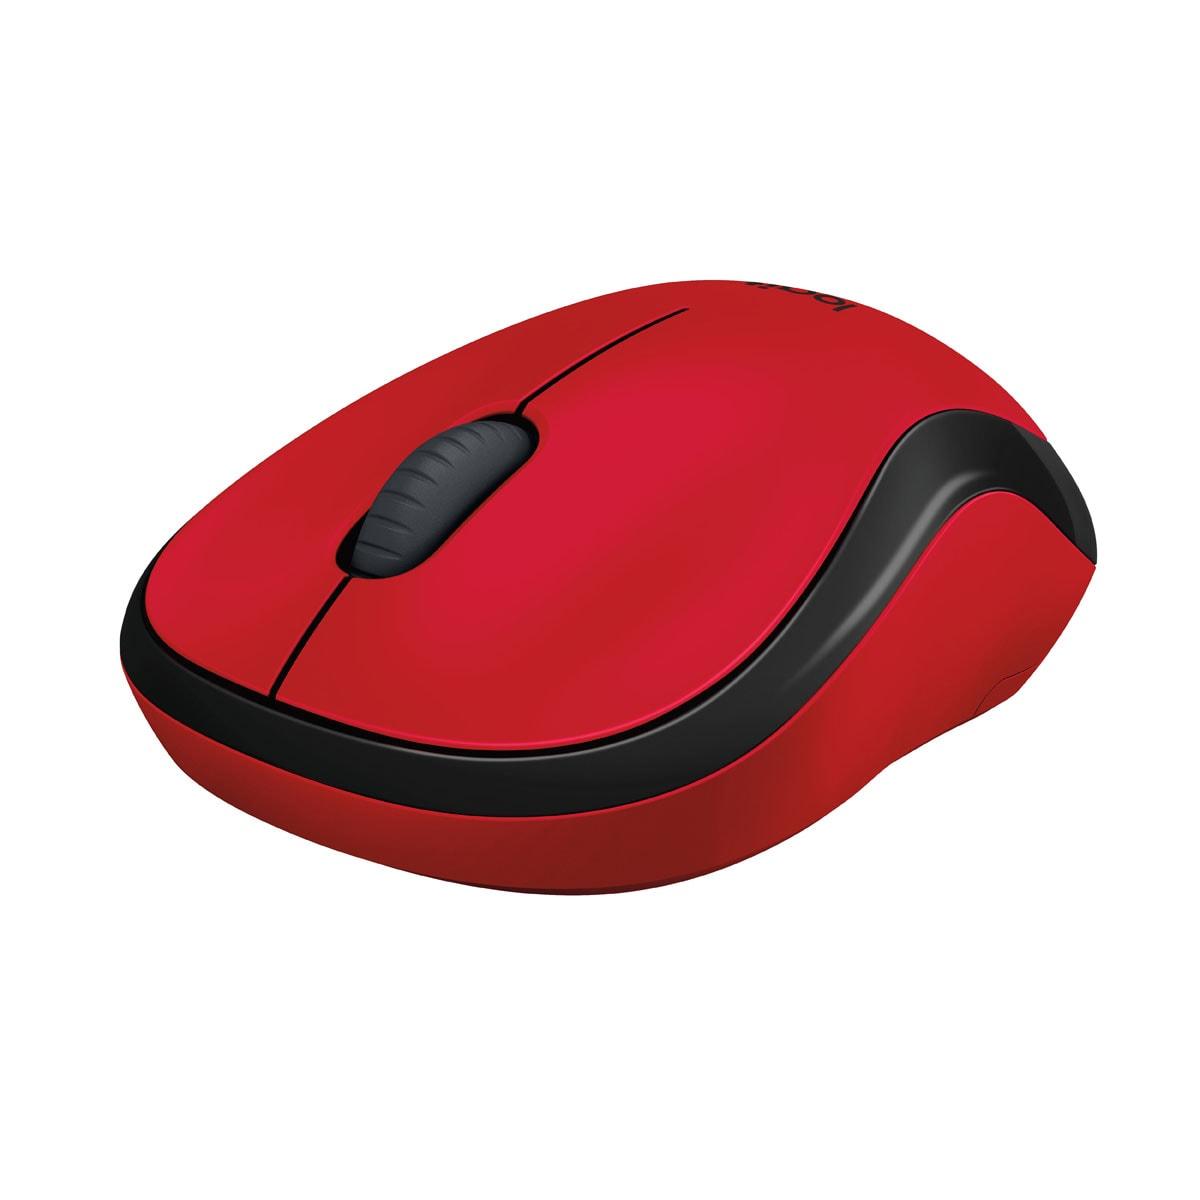 Logitech M220 Silent Red - Souris PC Logitech - Cybertek.fr - 2